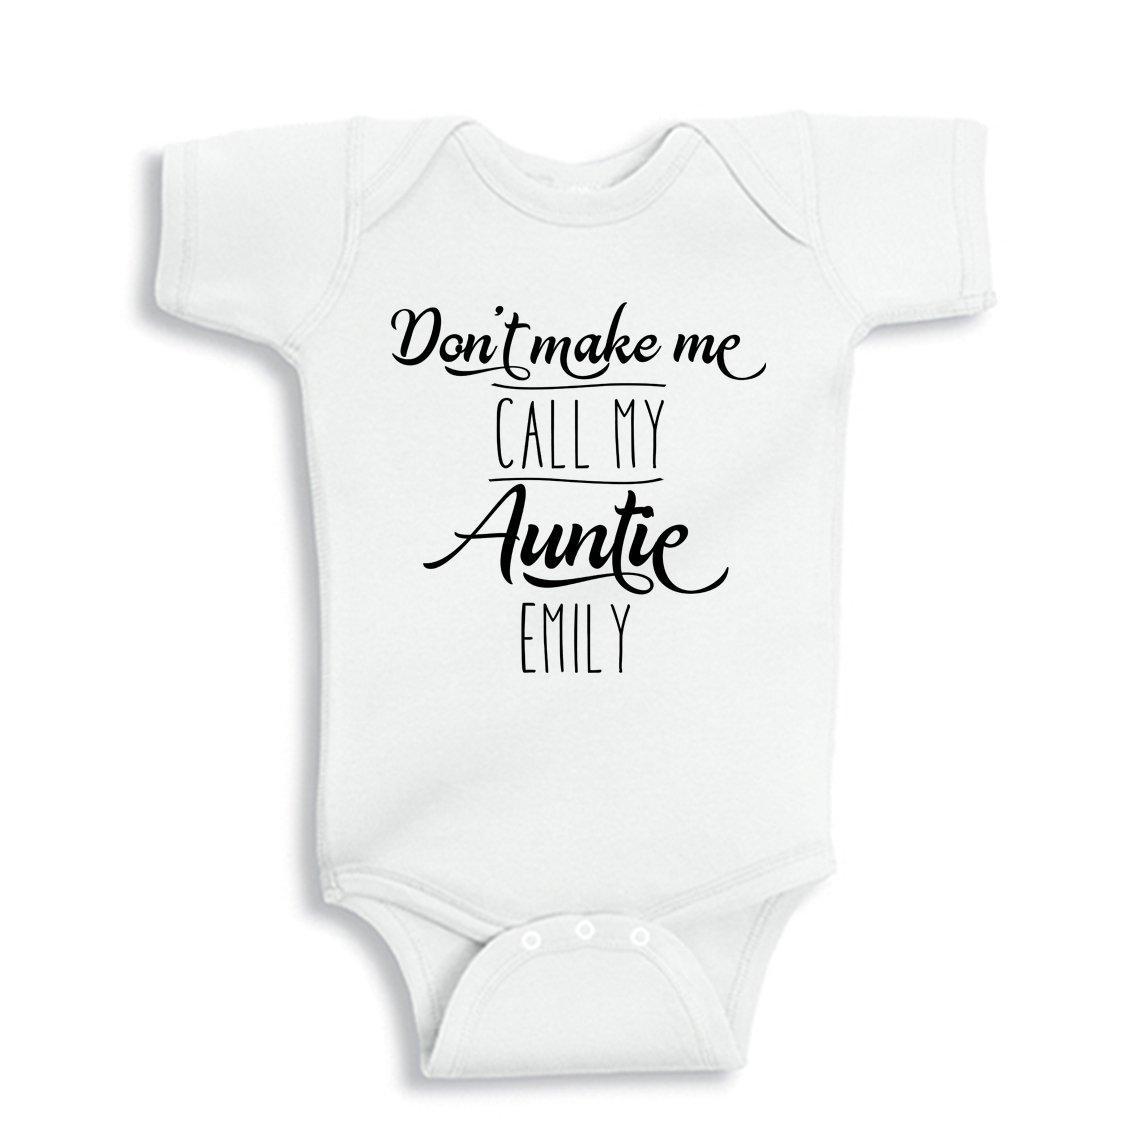 Worlds Best Auntie Ladies Lady Fit T Shirt 13 Colours Size 6-16